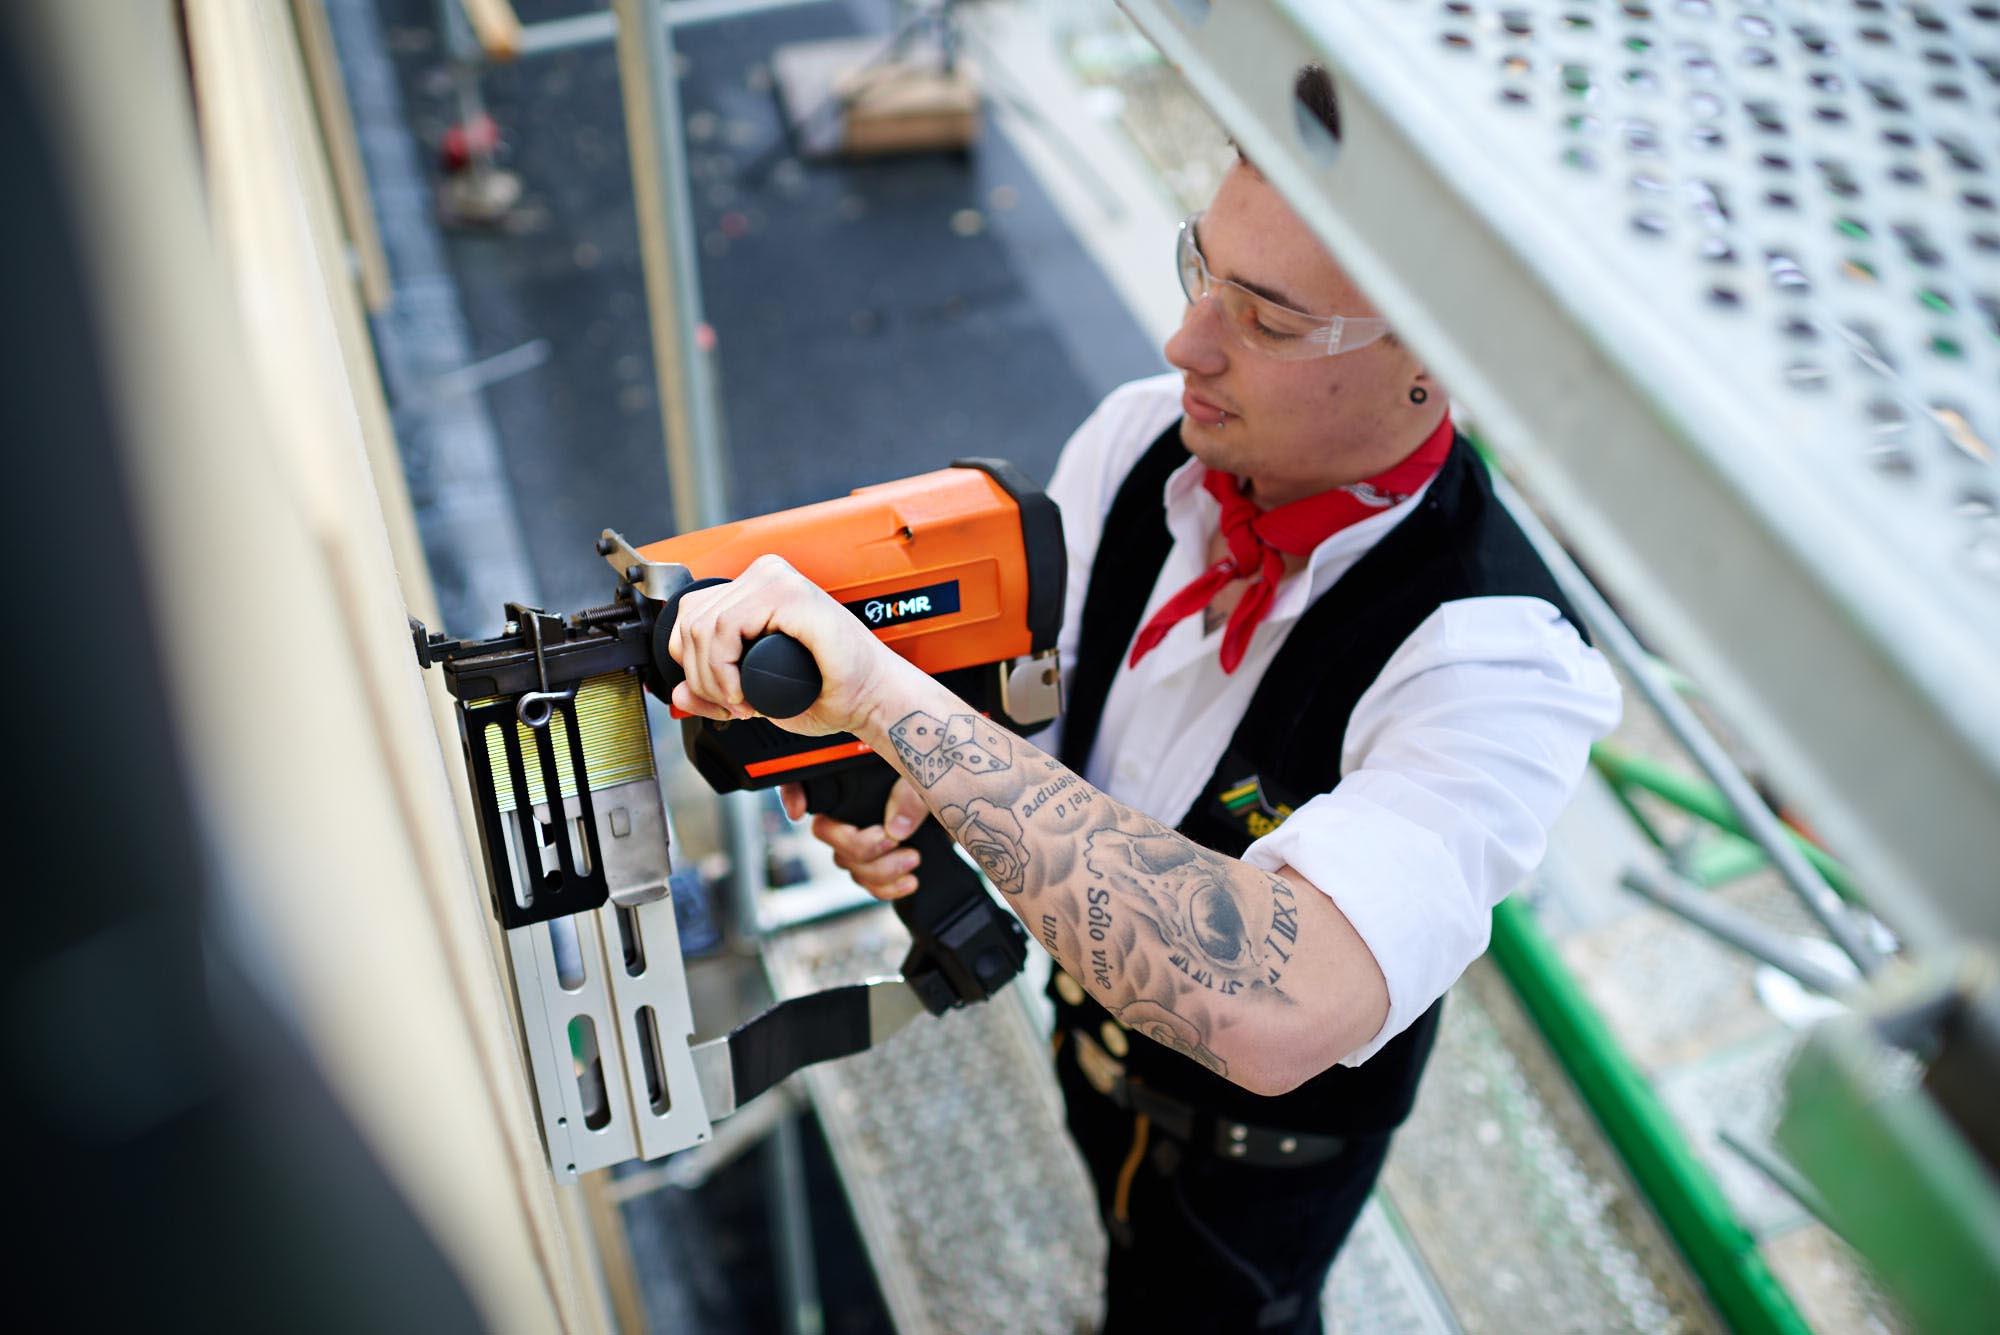 KMR 10915 - KMR Verbindungstechnik: Starke Geräte im Einsatz